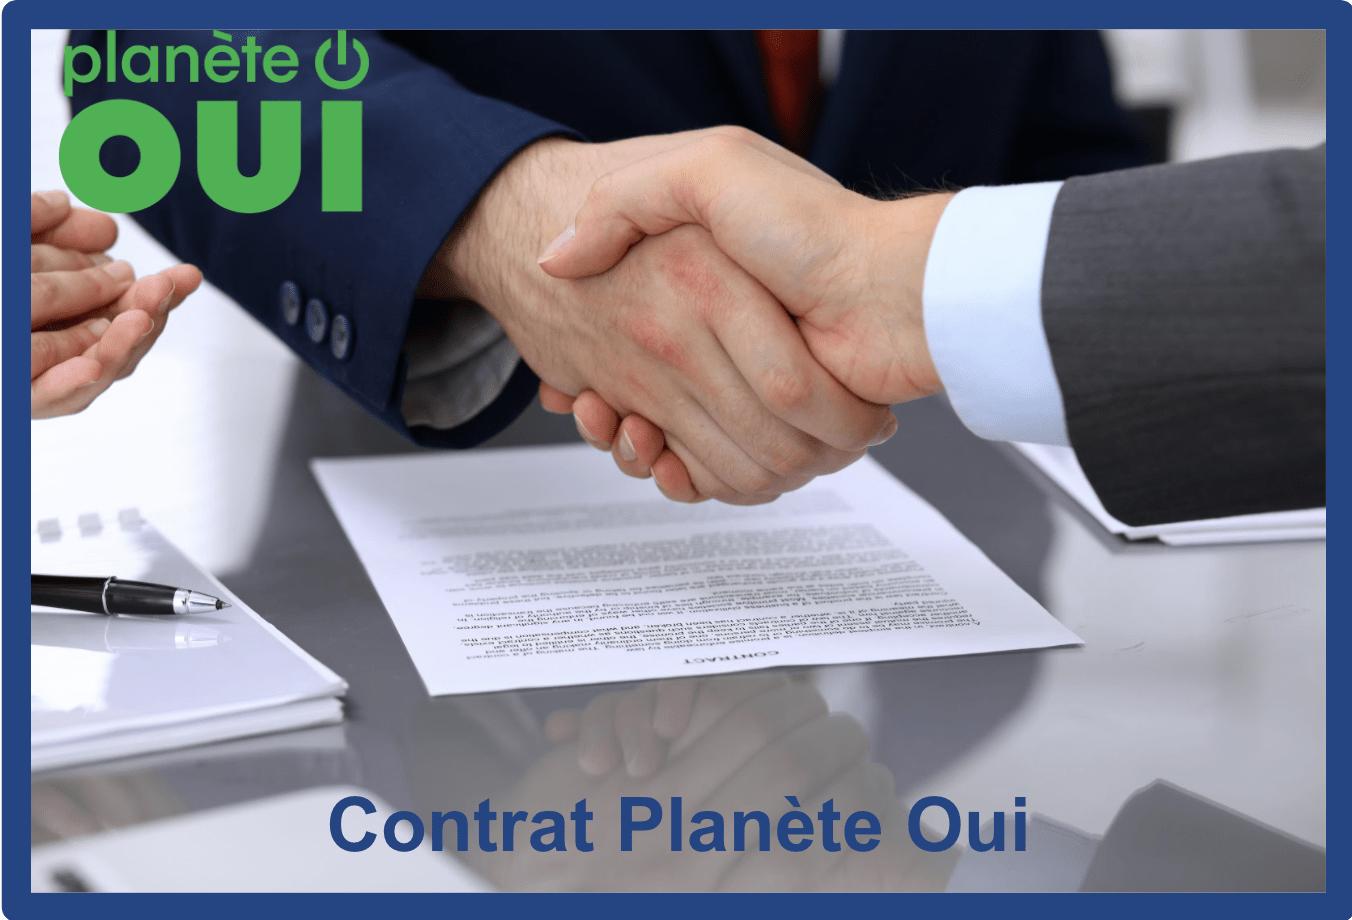 contrat planète oui